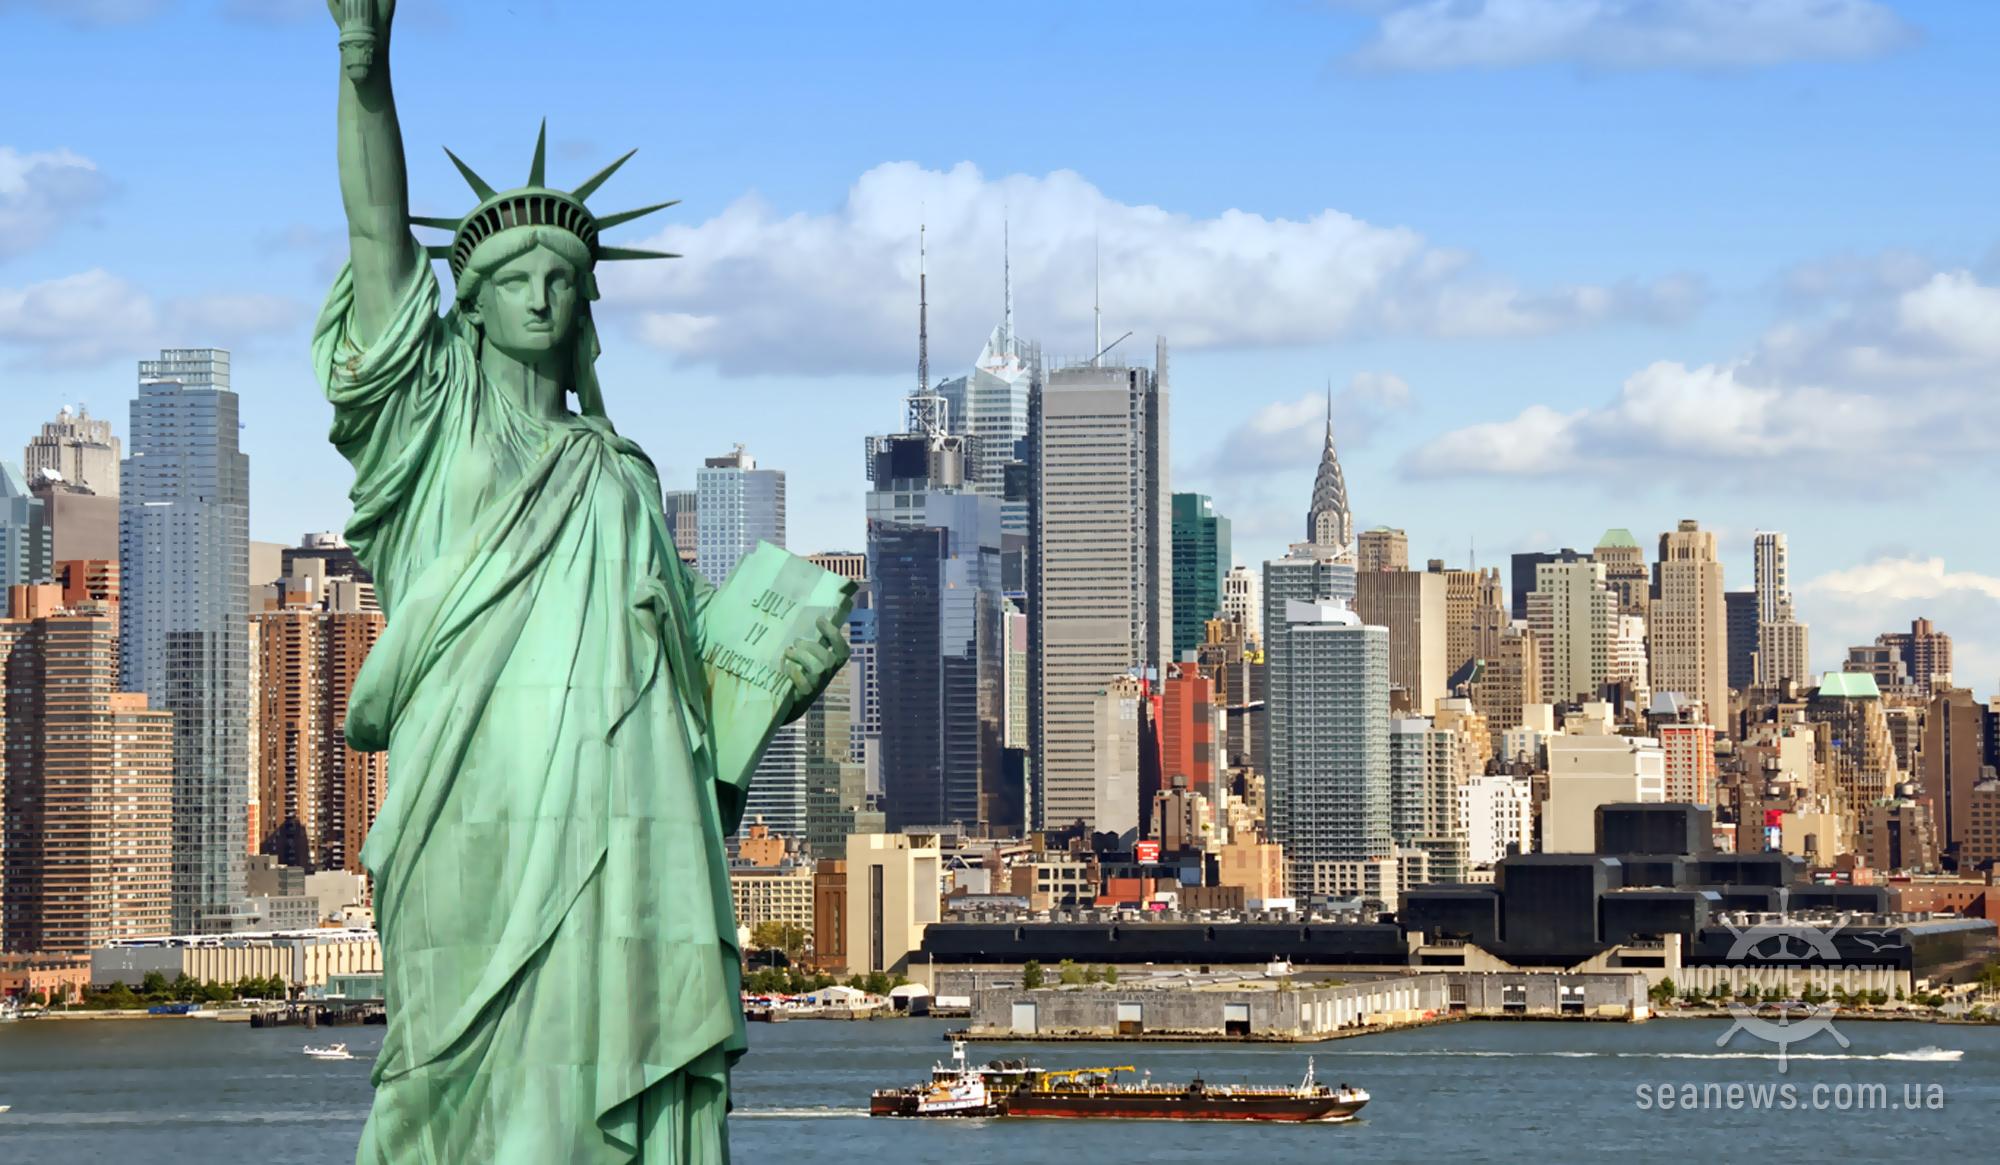 Крупнейший порт Нью-Йорка поставил рекорд по количеству грузов